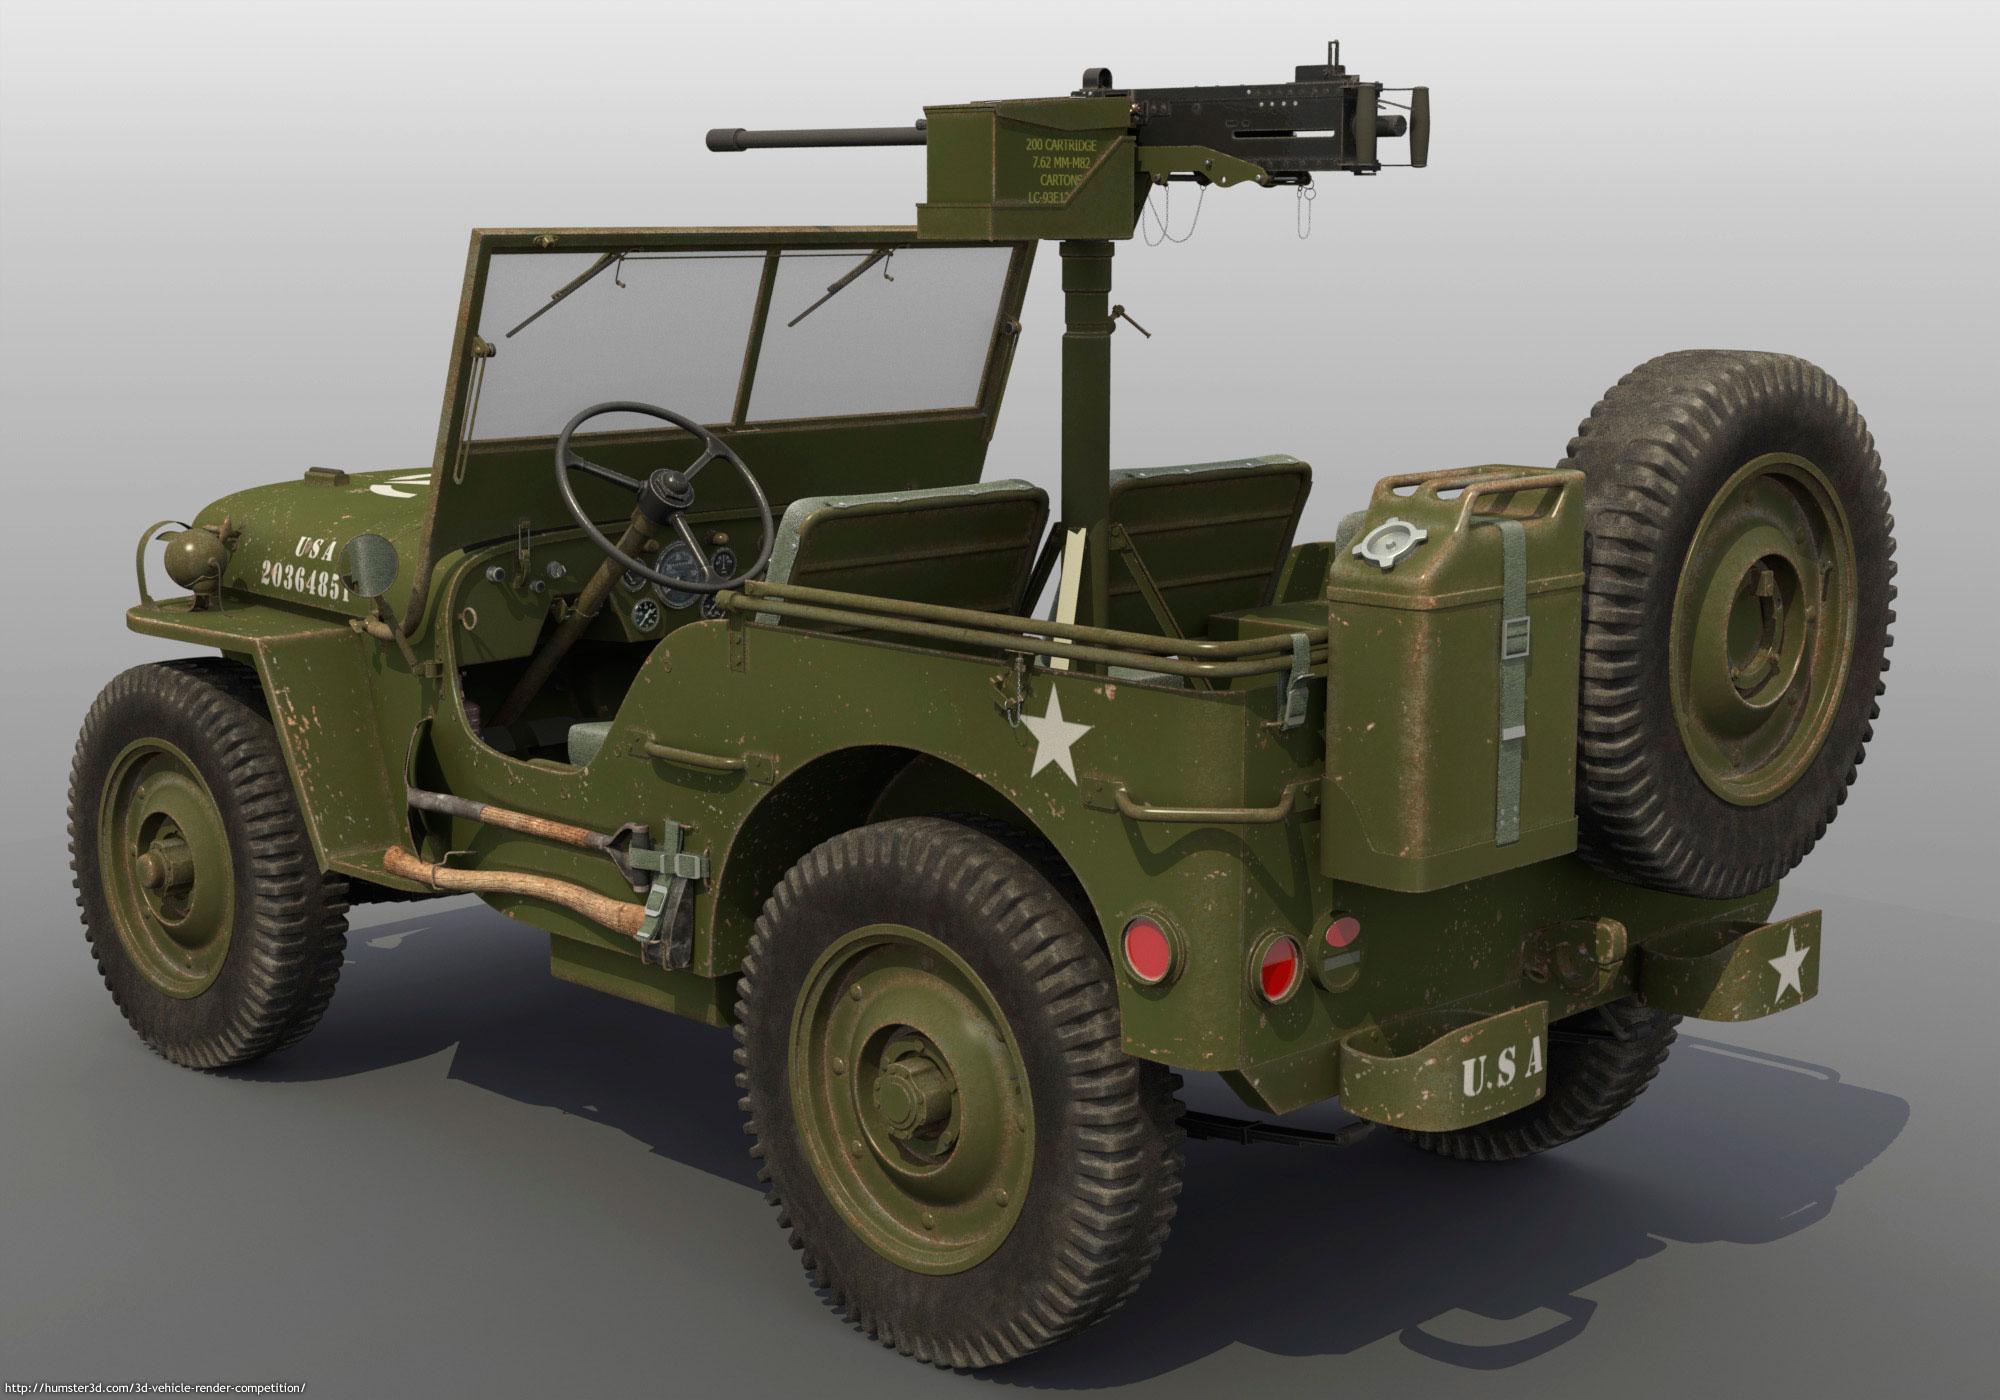 Willys U.S. Army Jeep 3d art